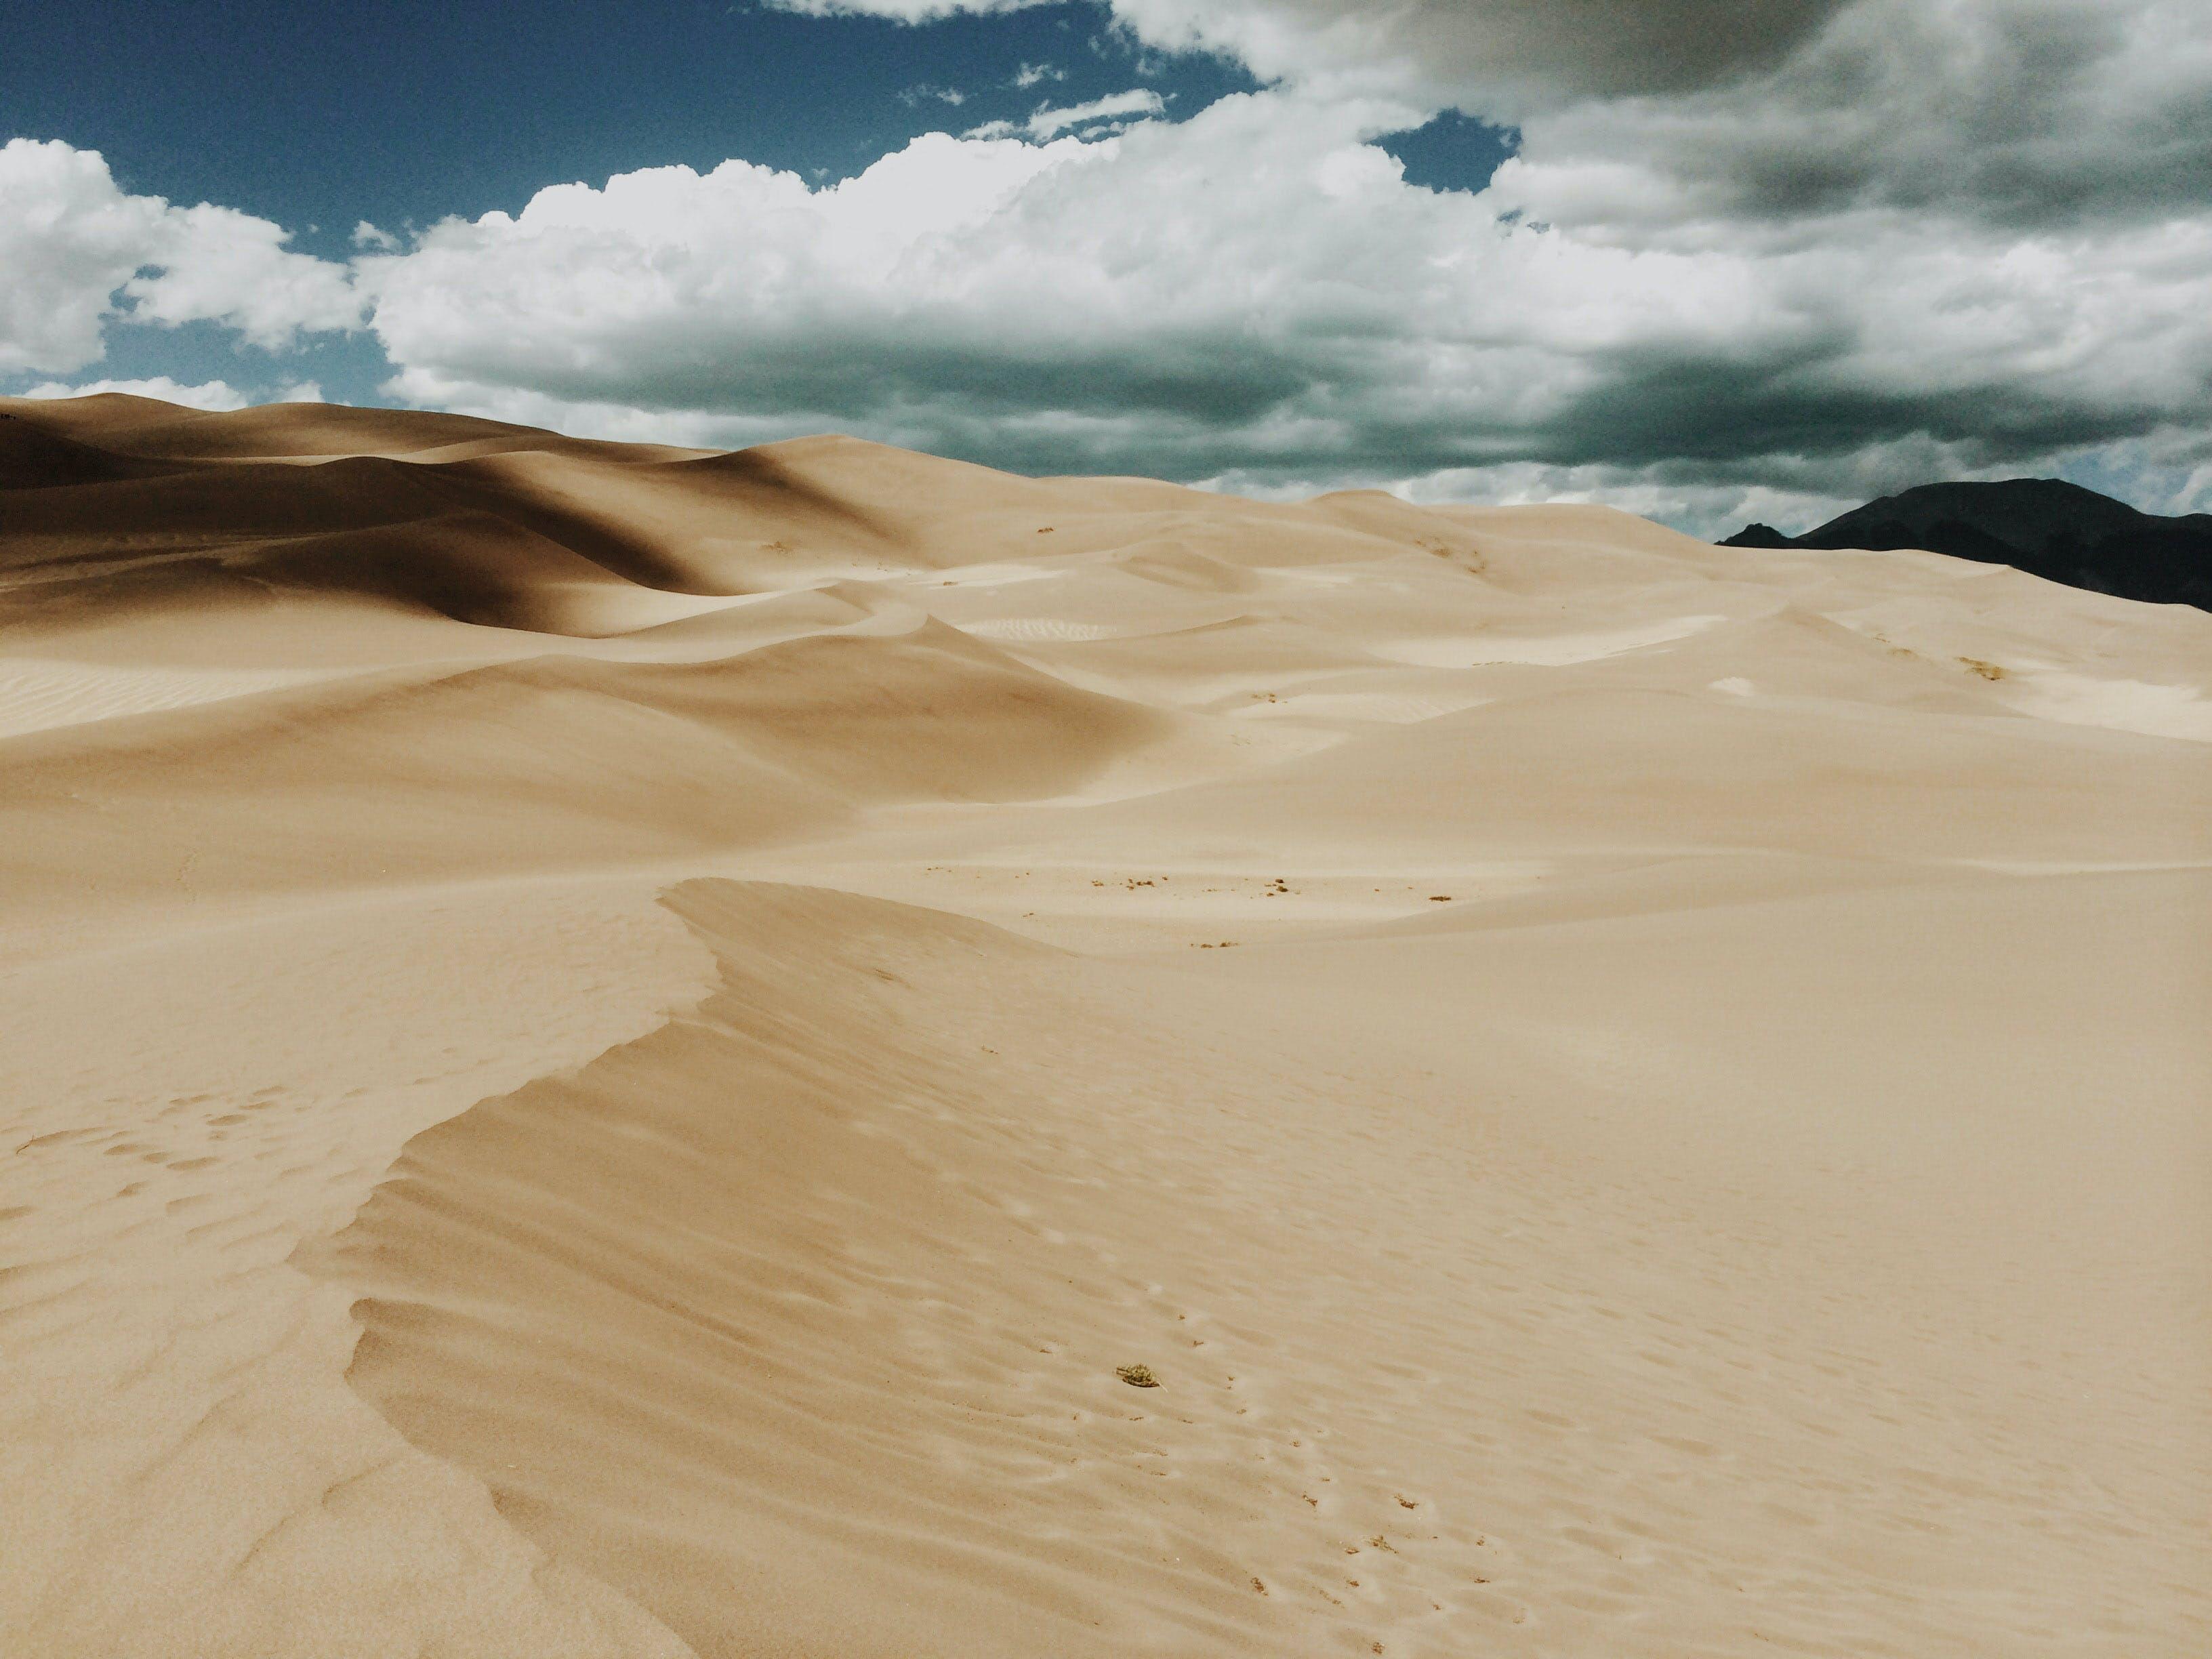 Kostenloses Stock Foto zu hitze, landschaft, sand, wolken